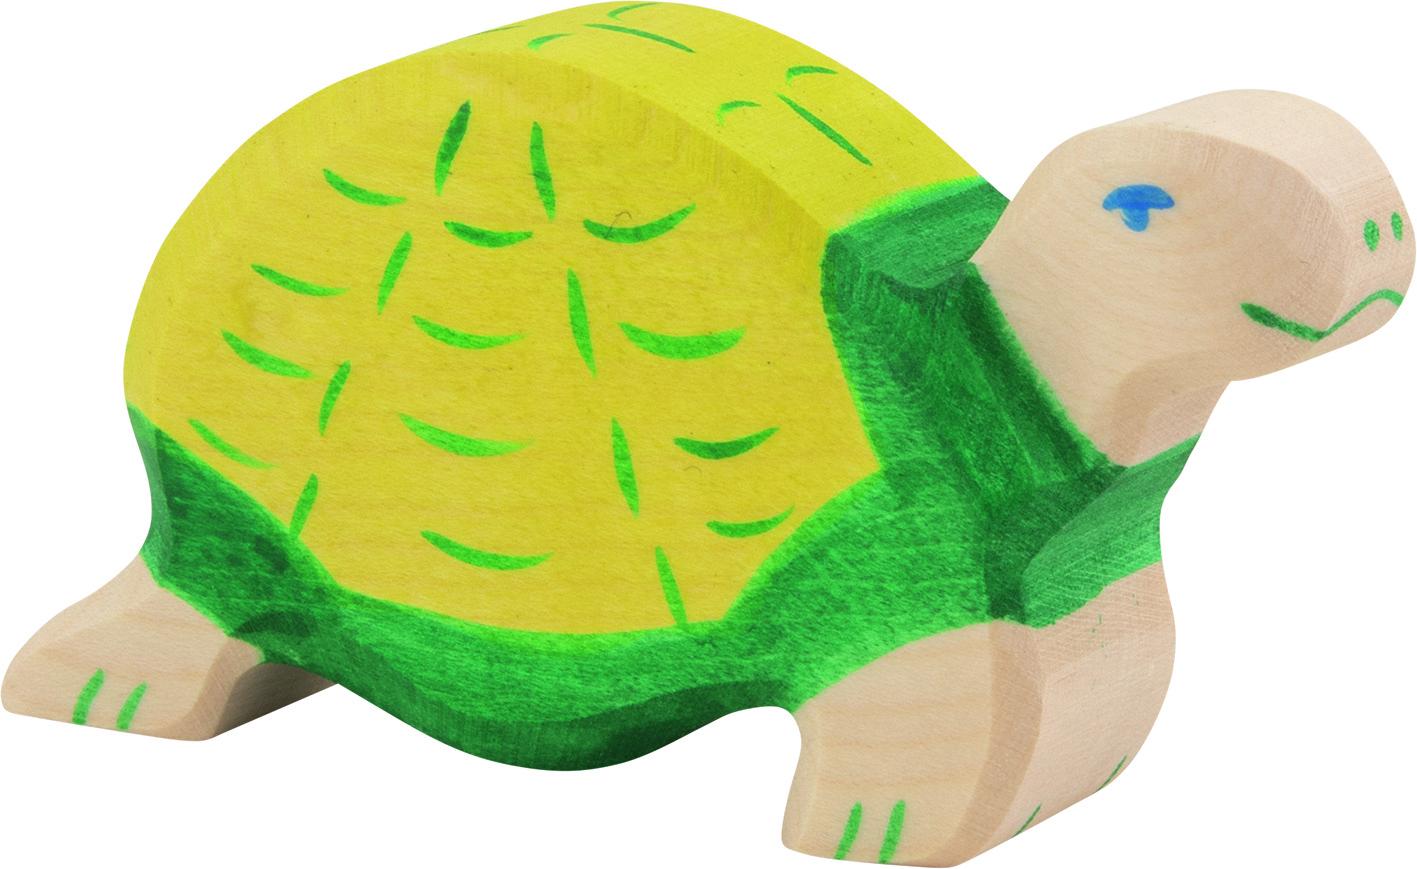 Holztiger Tortoise Green Image